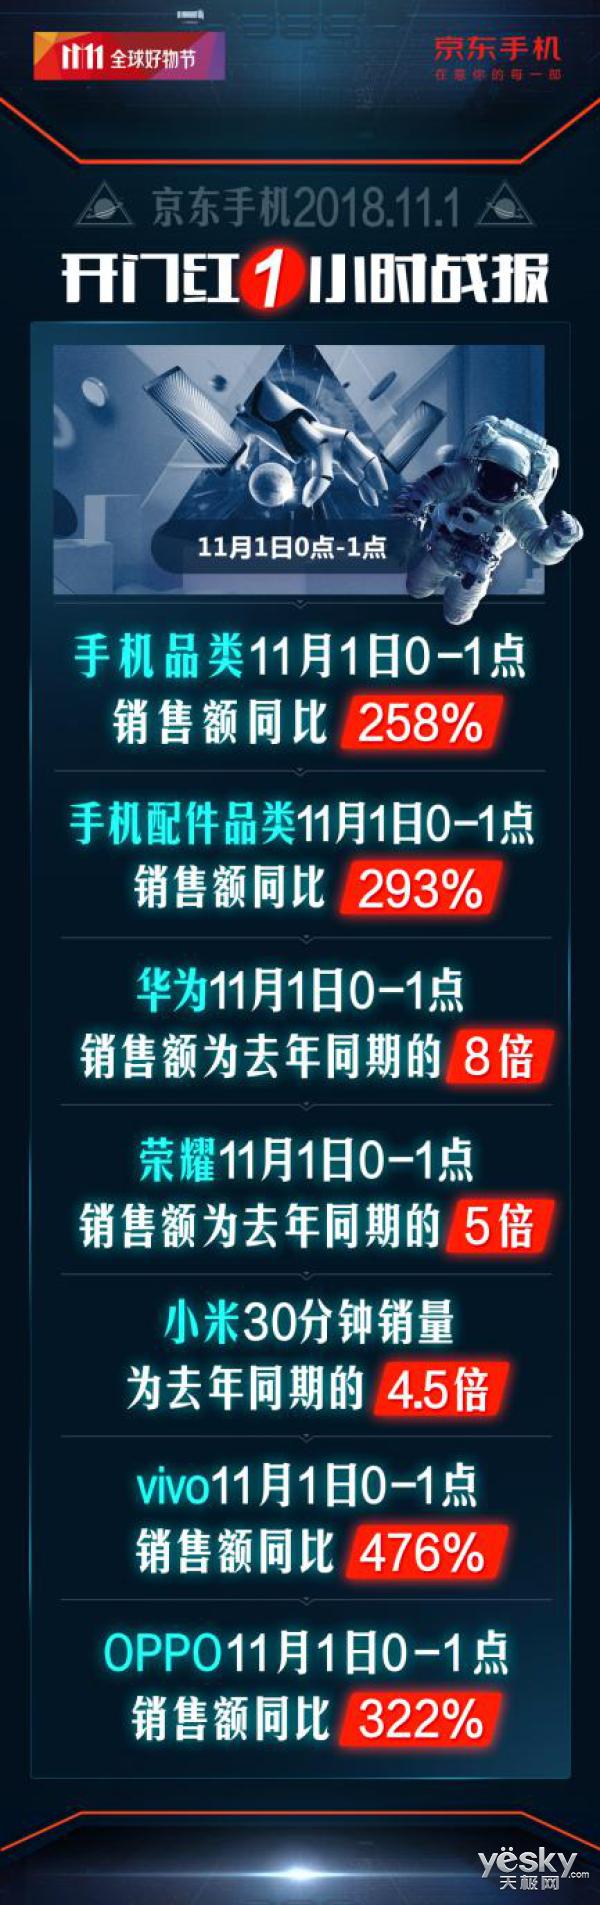 11.11京东开门红  1小时手机销额同比258%